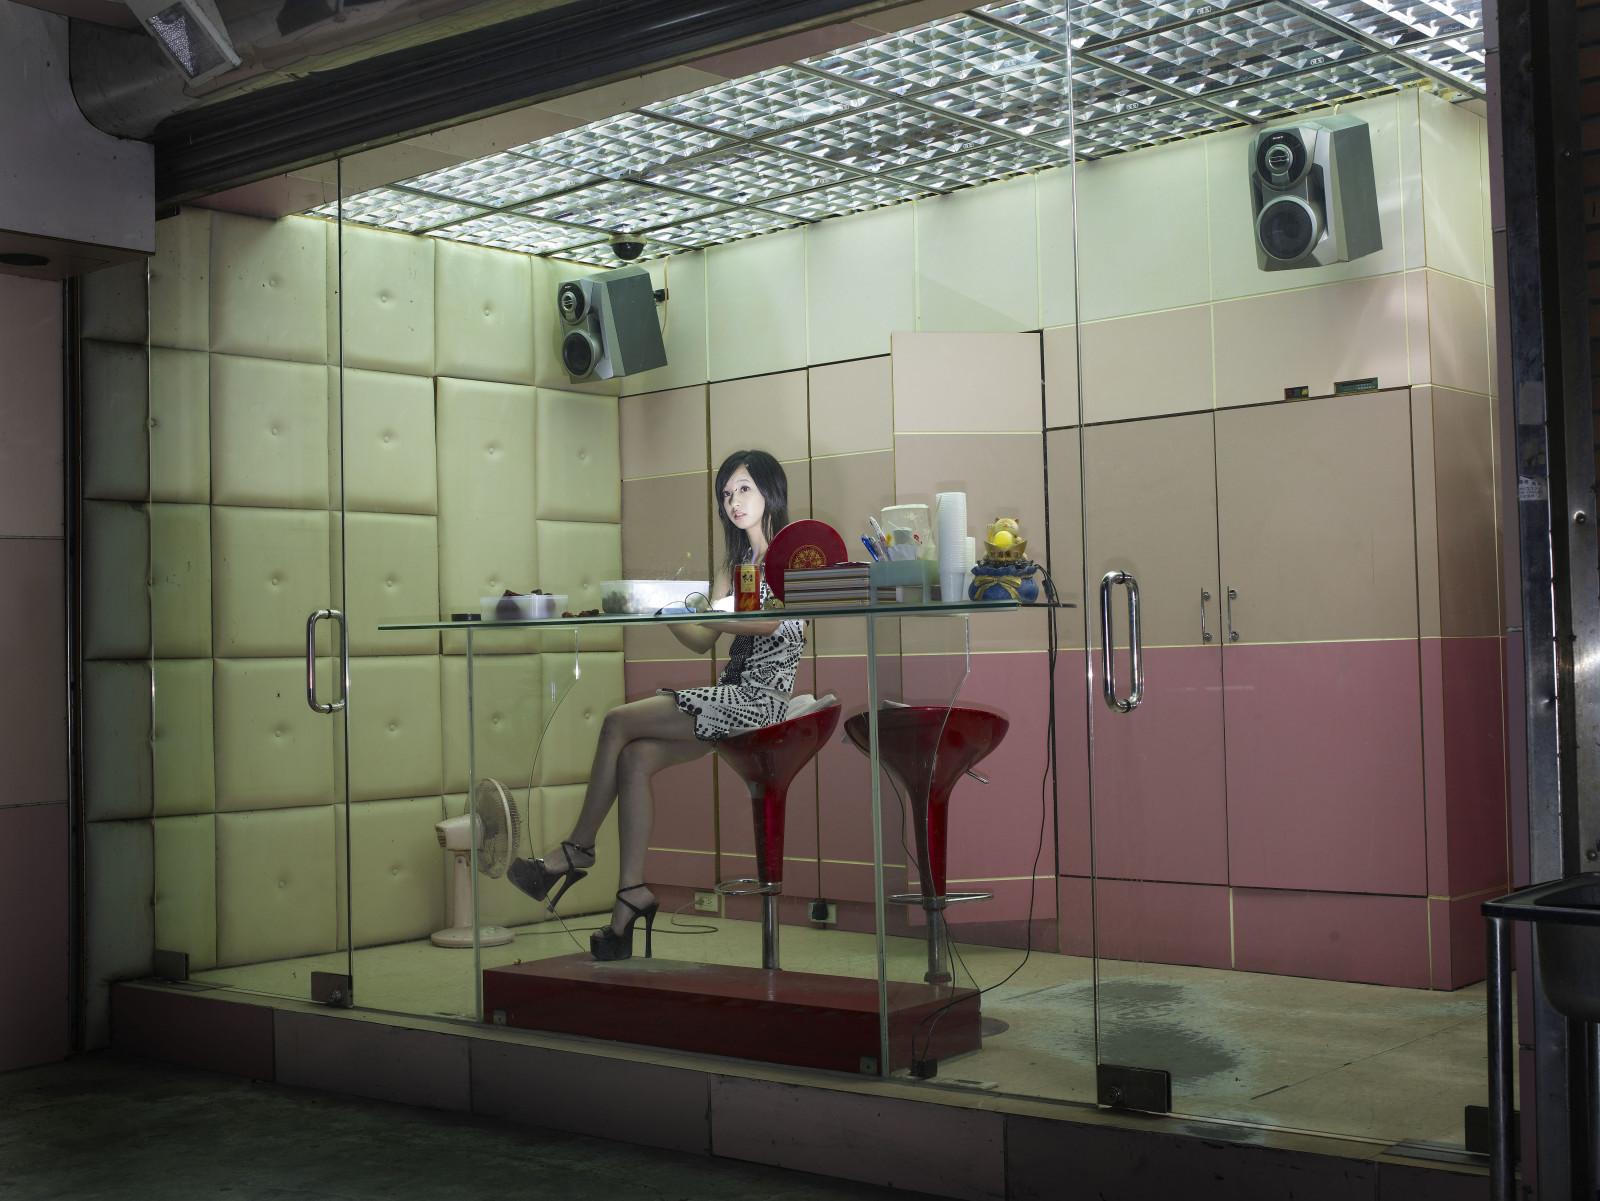 Untitled, Binran Series, Plate 1, 2007